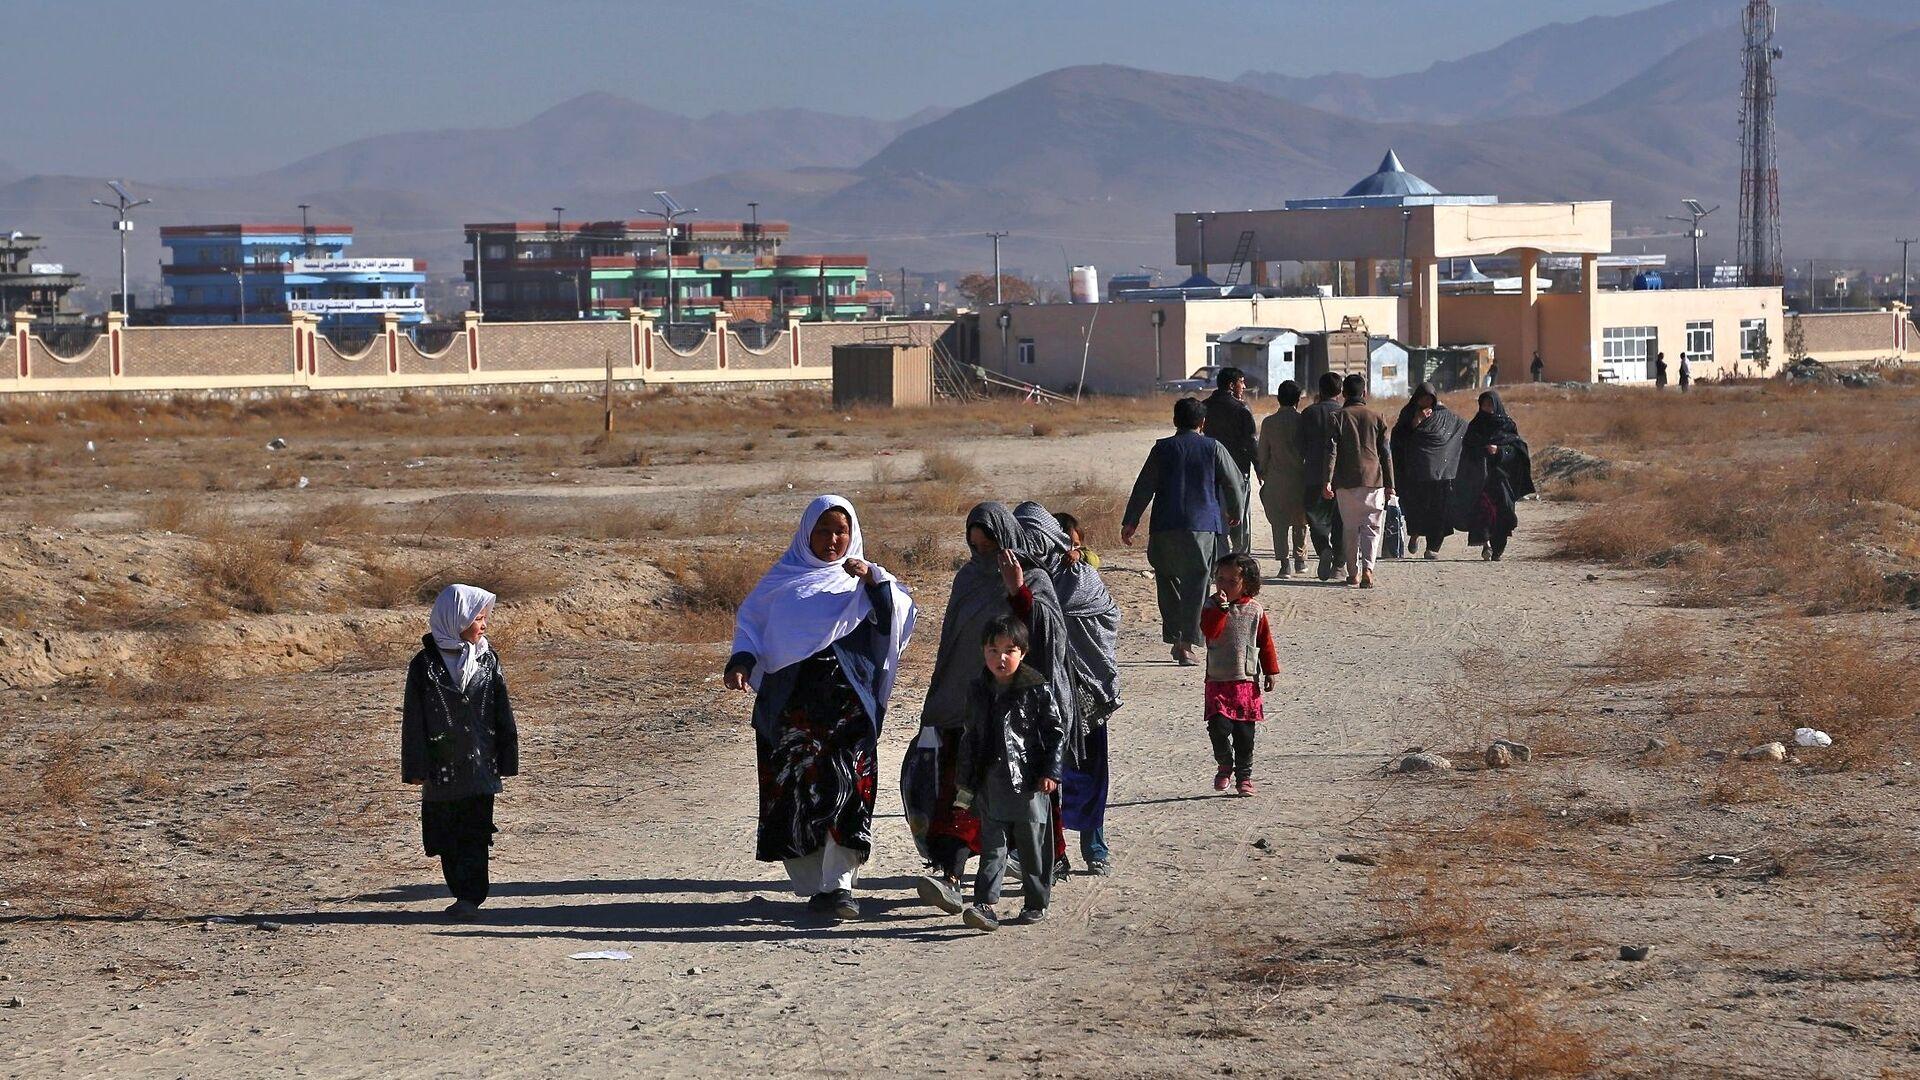 Беженцы из провинции Газни в Афганистане - Sputnik Азербайджан, 1920, 24.08.2021